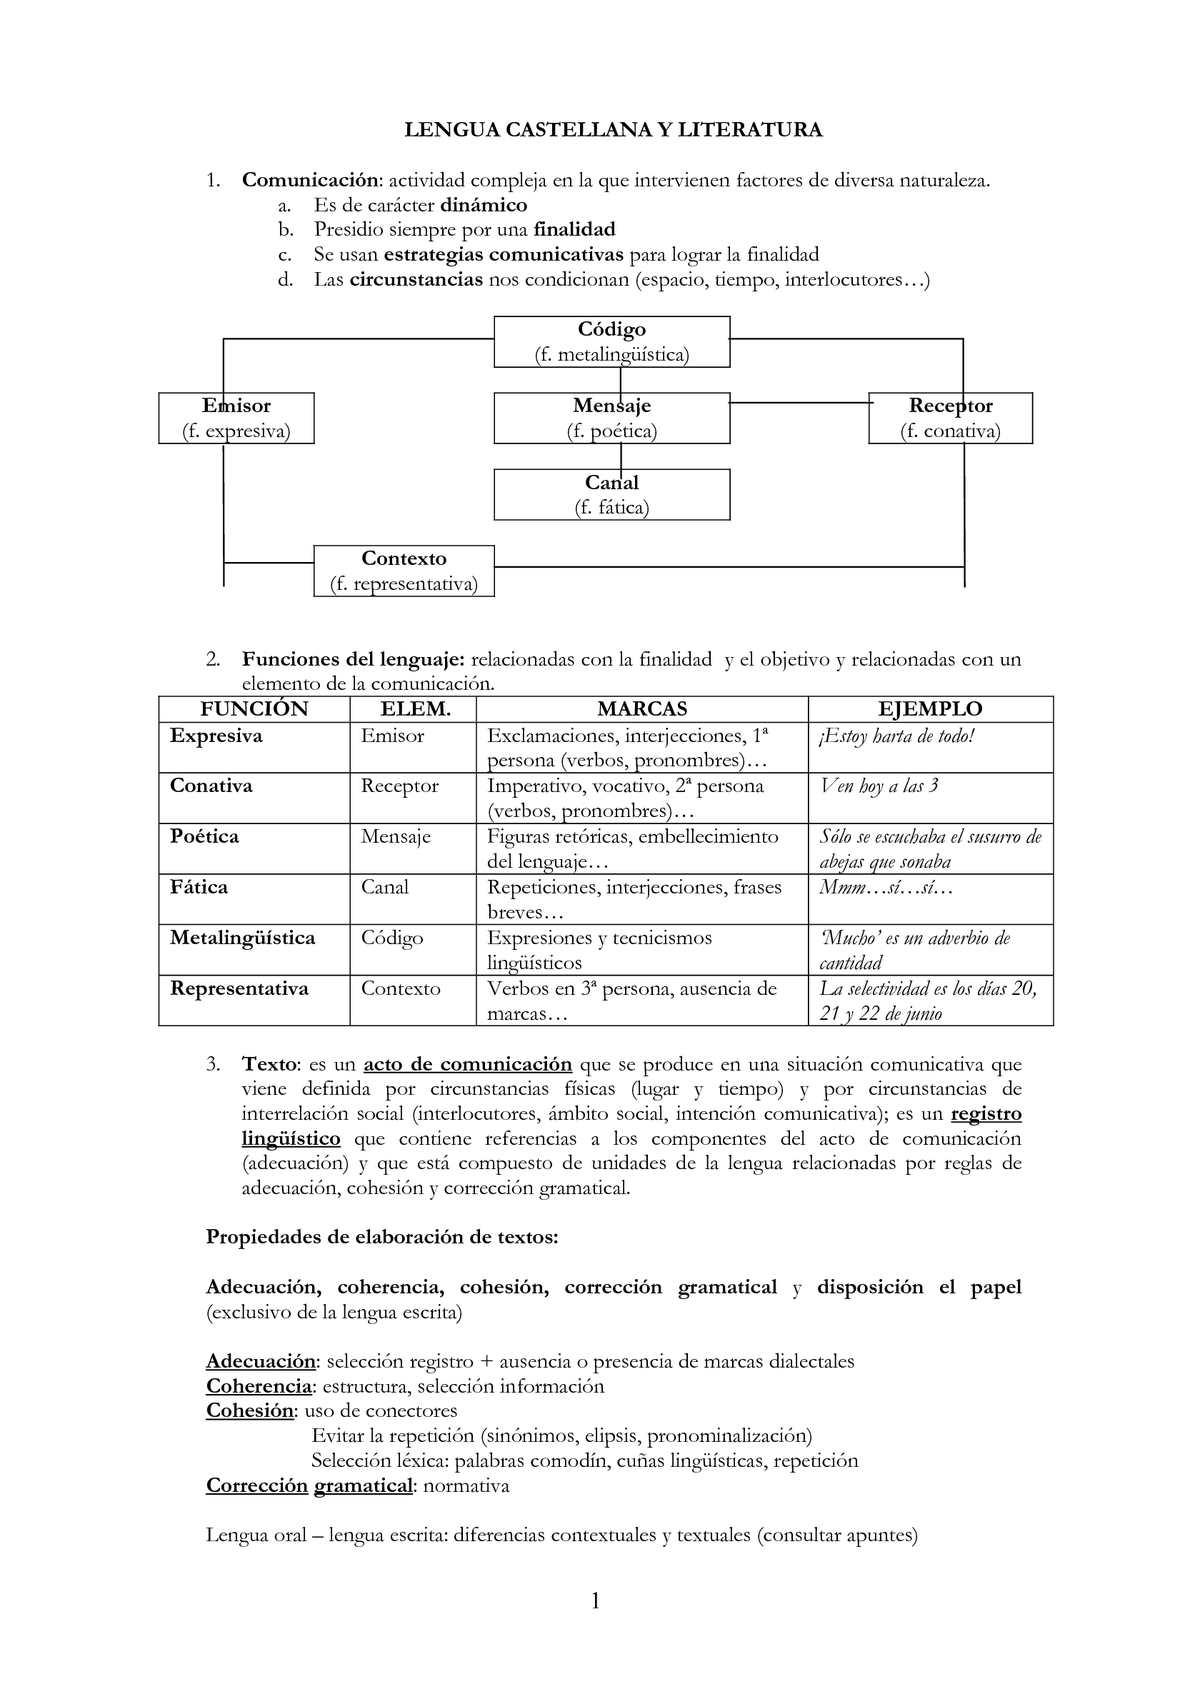 Calaméo Resumen De Contenidos Lingüísticos